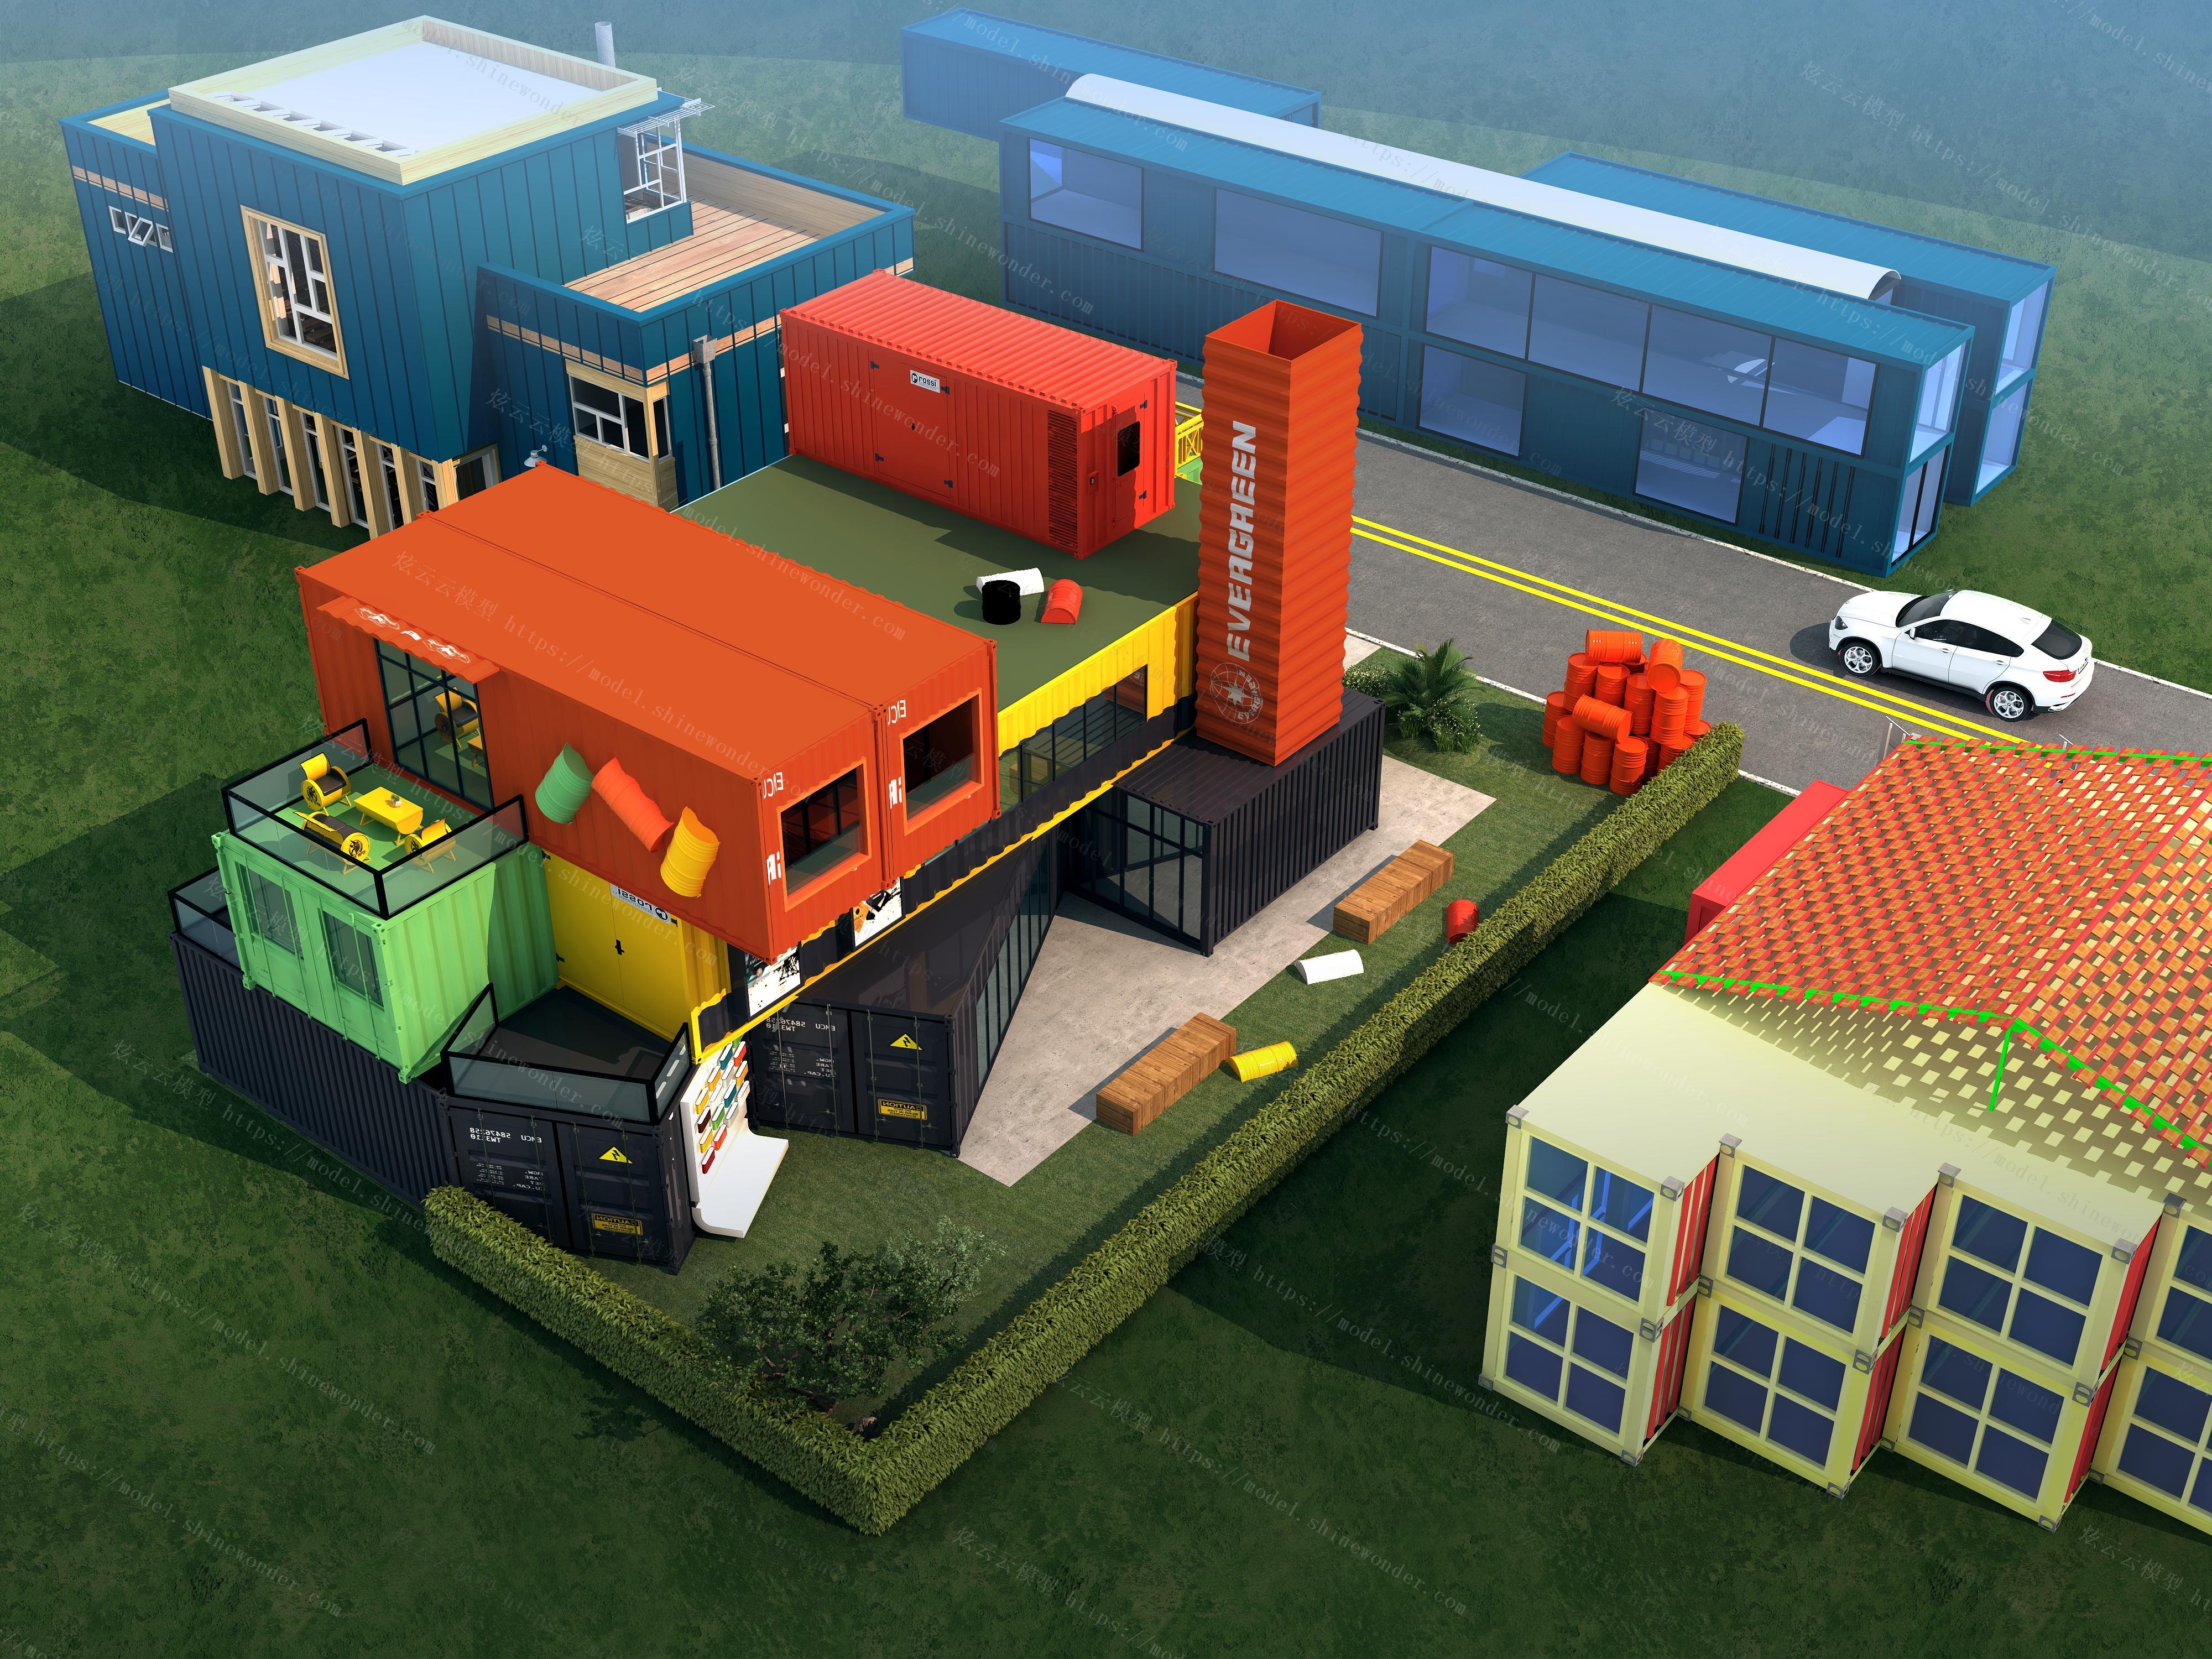 集装箱建筑外观模型